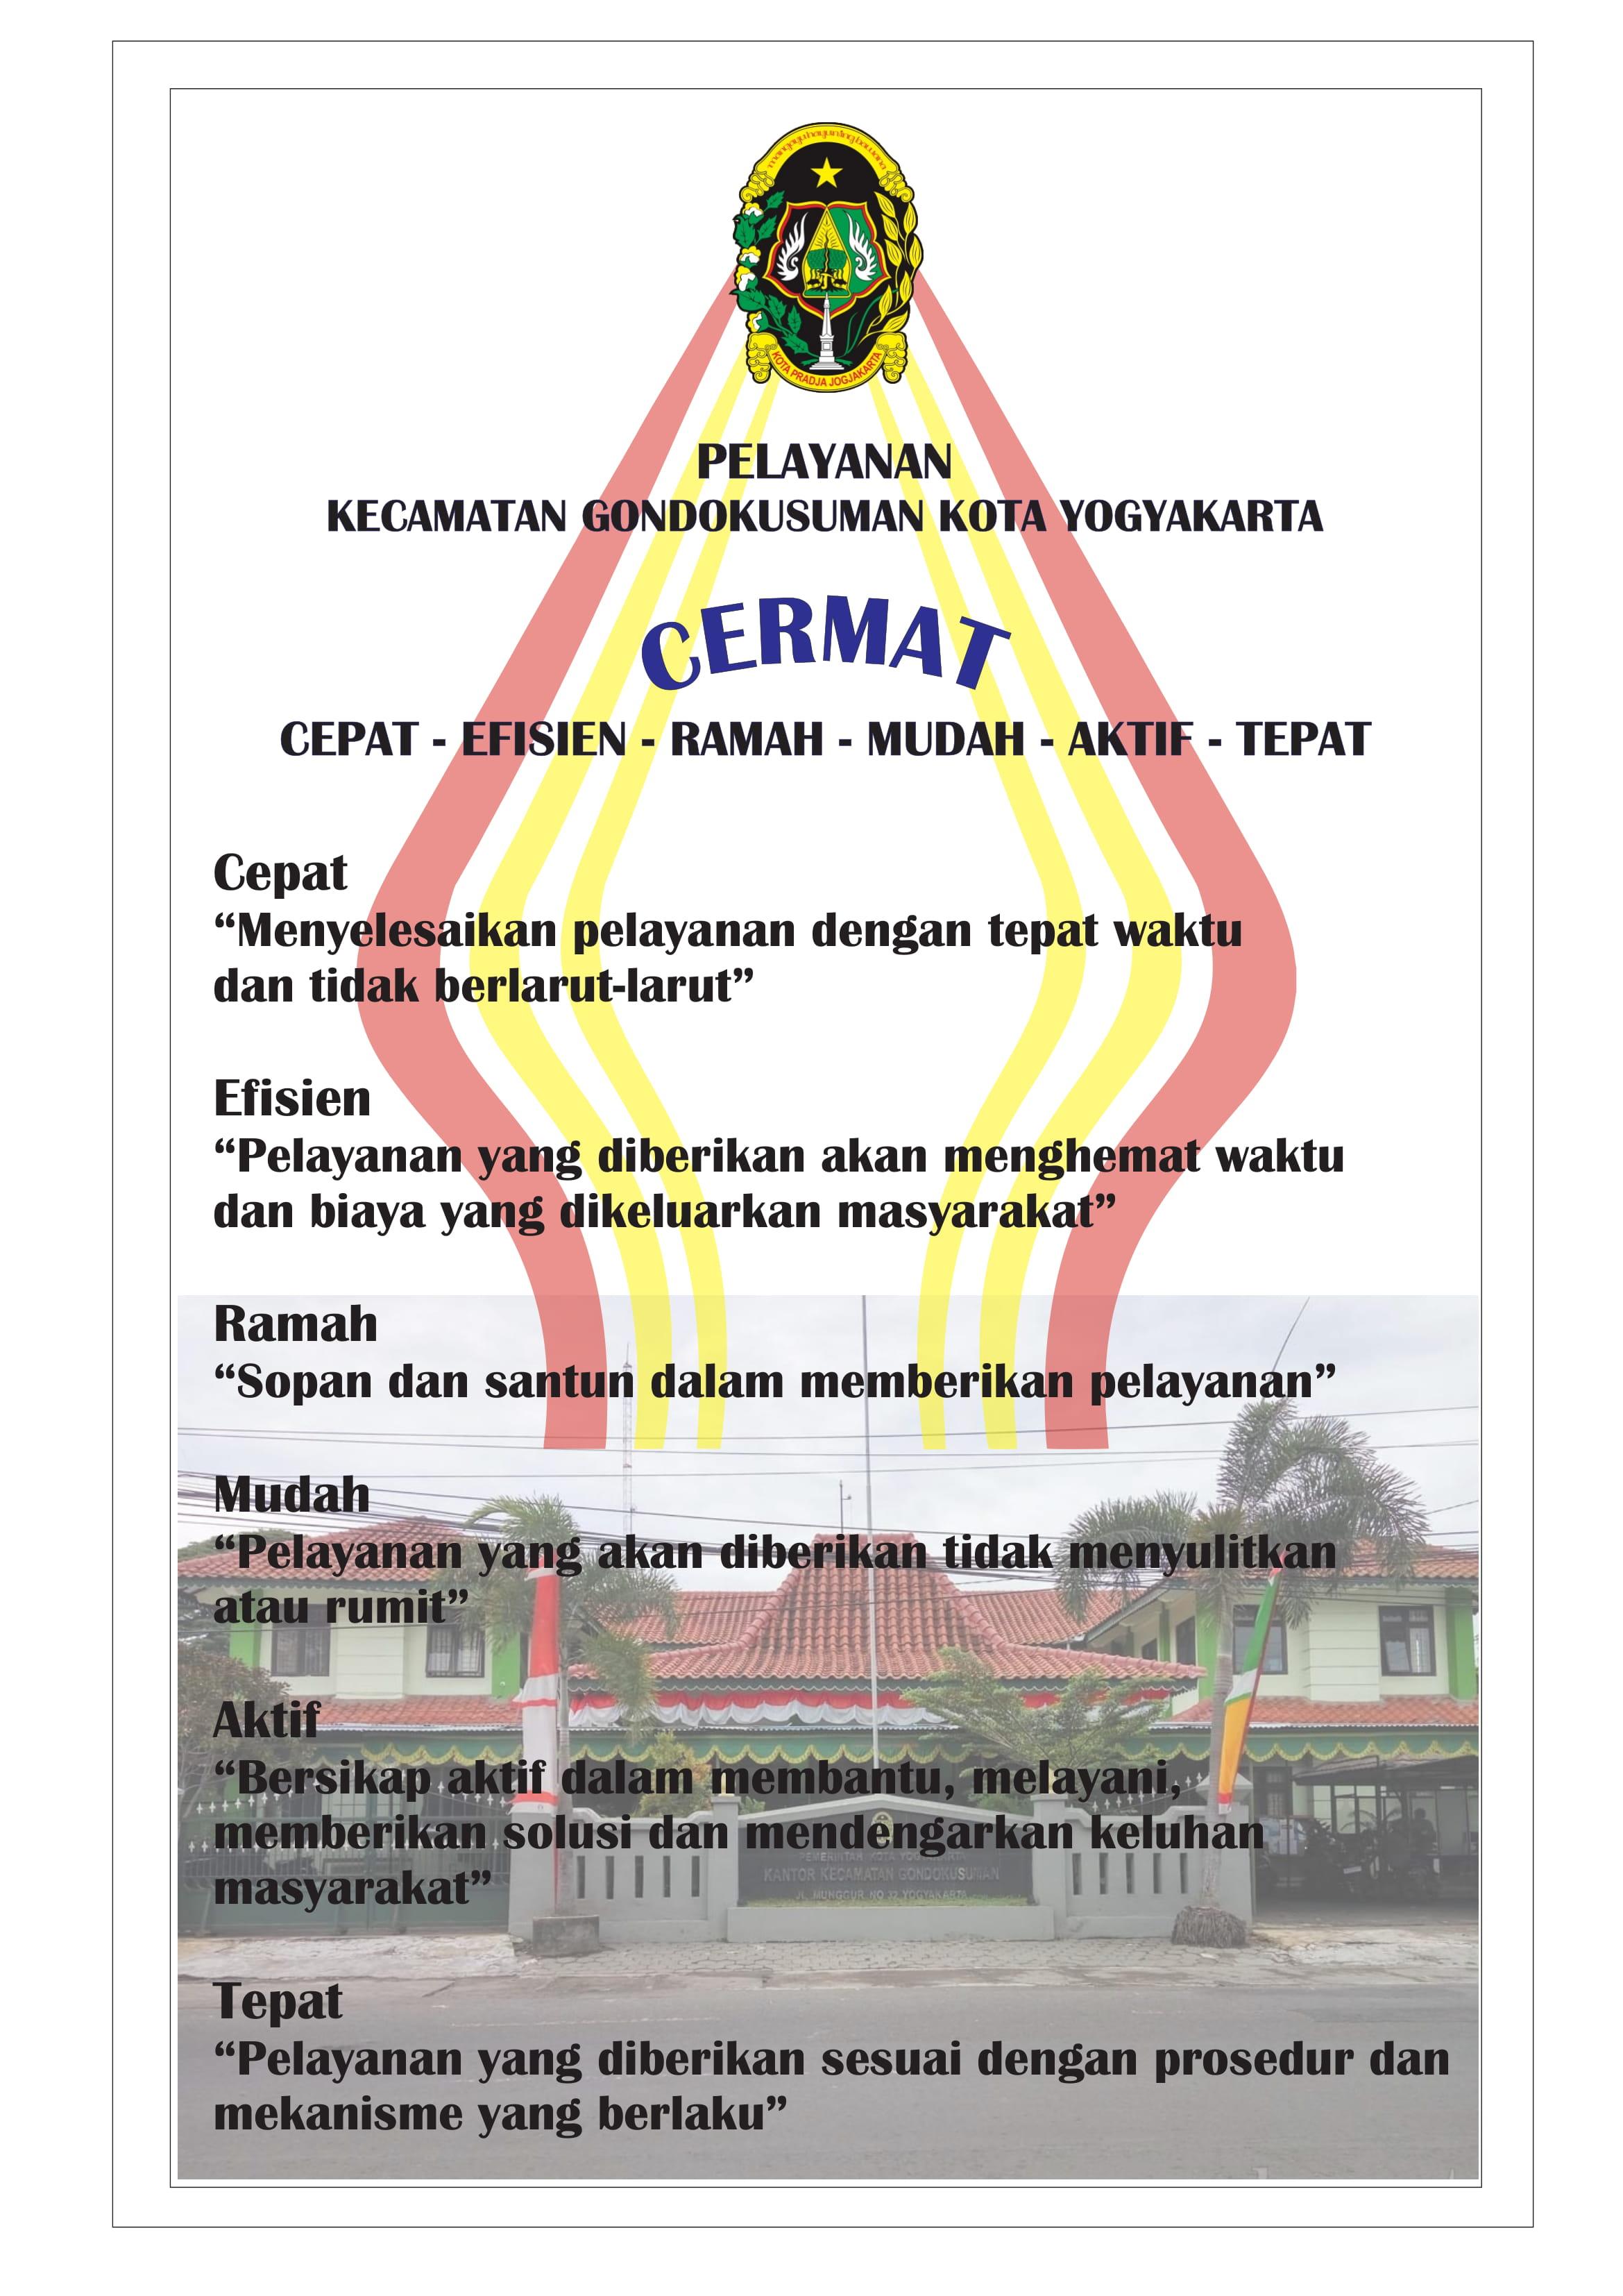 CERMAT (Cepat Efisien  Ramah Mudah Aktif Tepat)